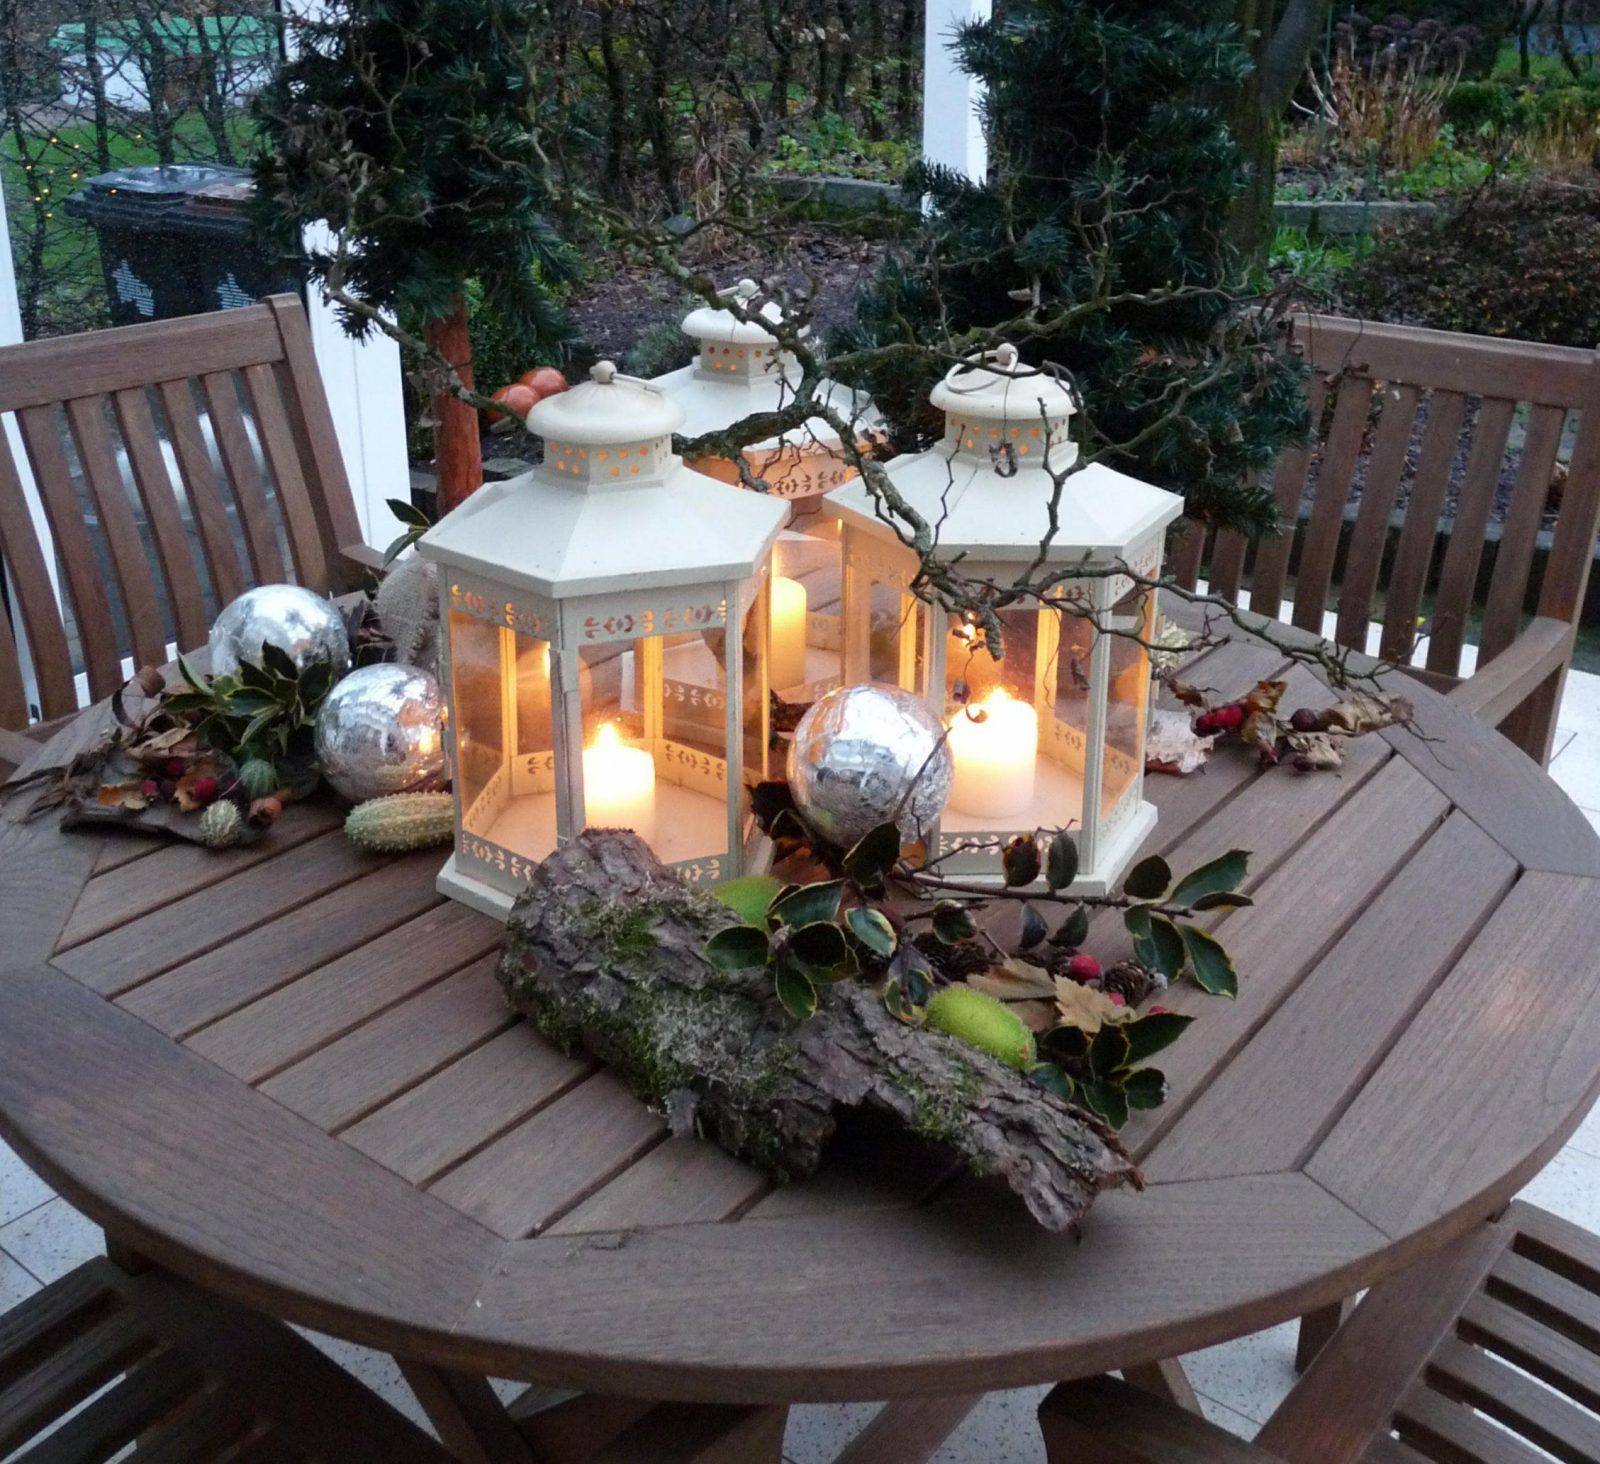 Weihnachtsdeko Außen  Wohnen Und Garten Foto  Deko Inspiration Zum von Weihnachtsdeko Für Draussen Selber Basteln Bild